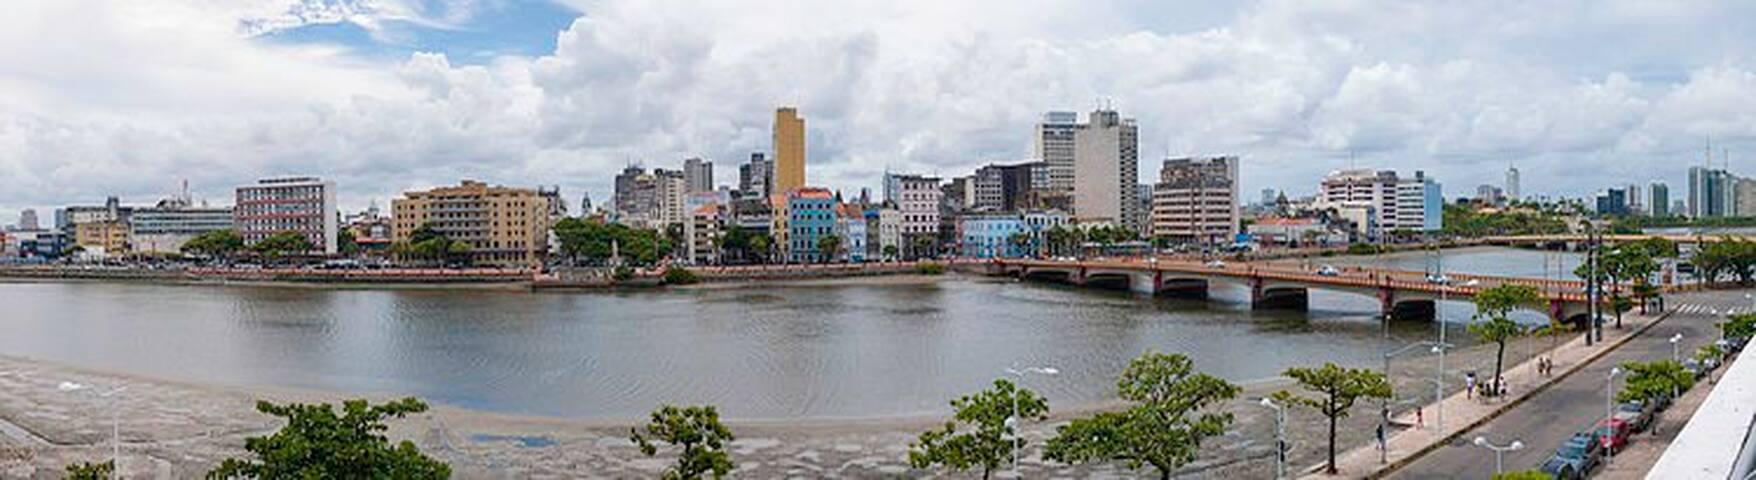 Cantinho acolhedor no centro do Recife-PE